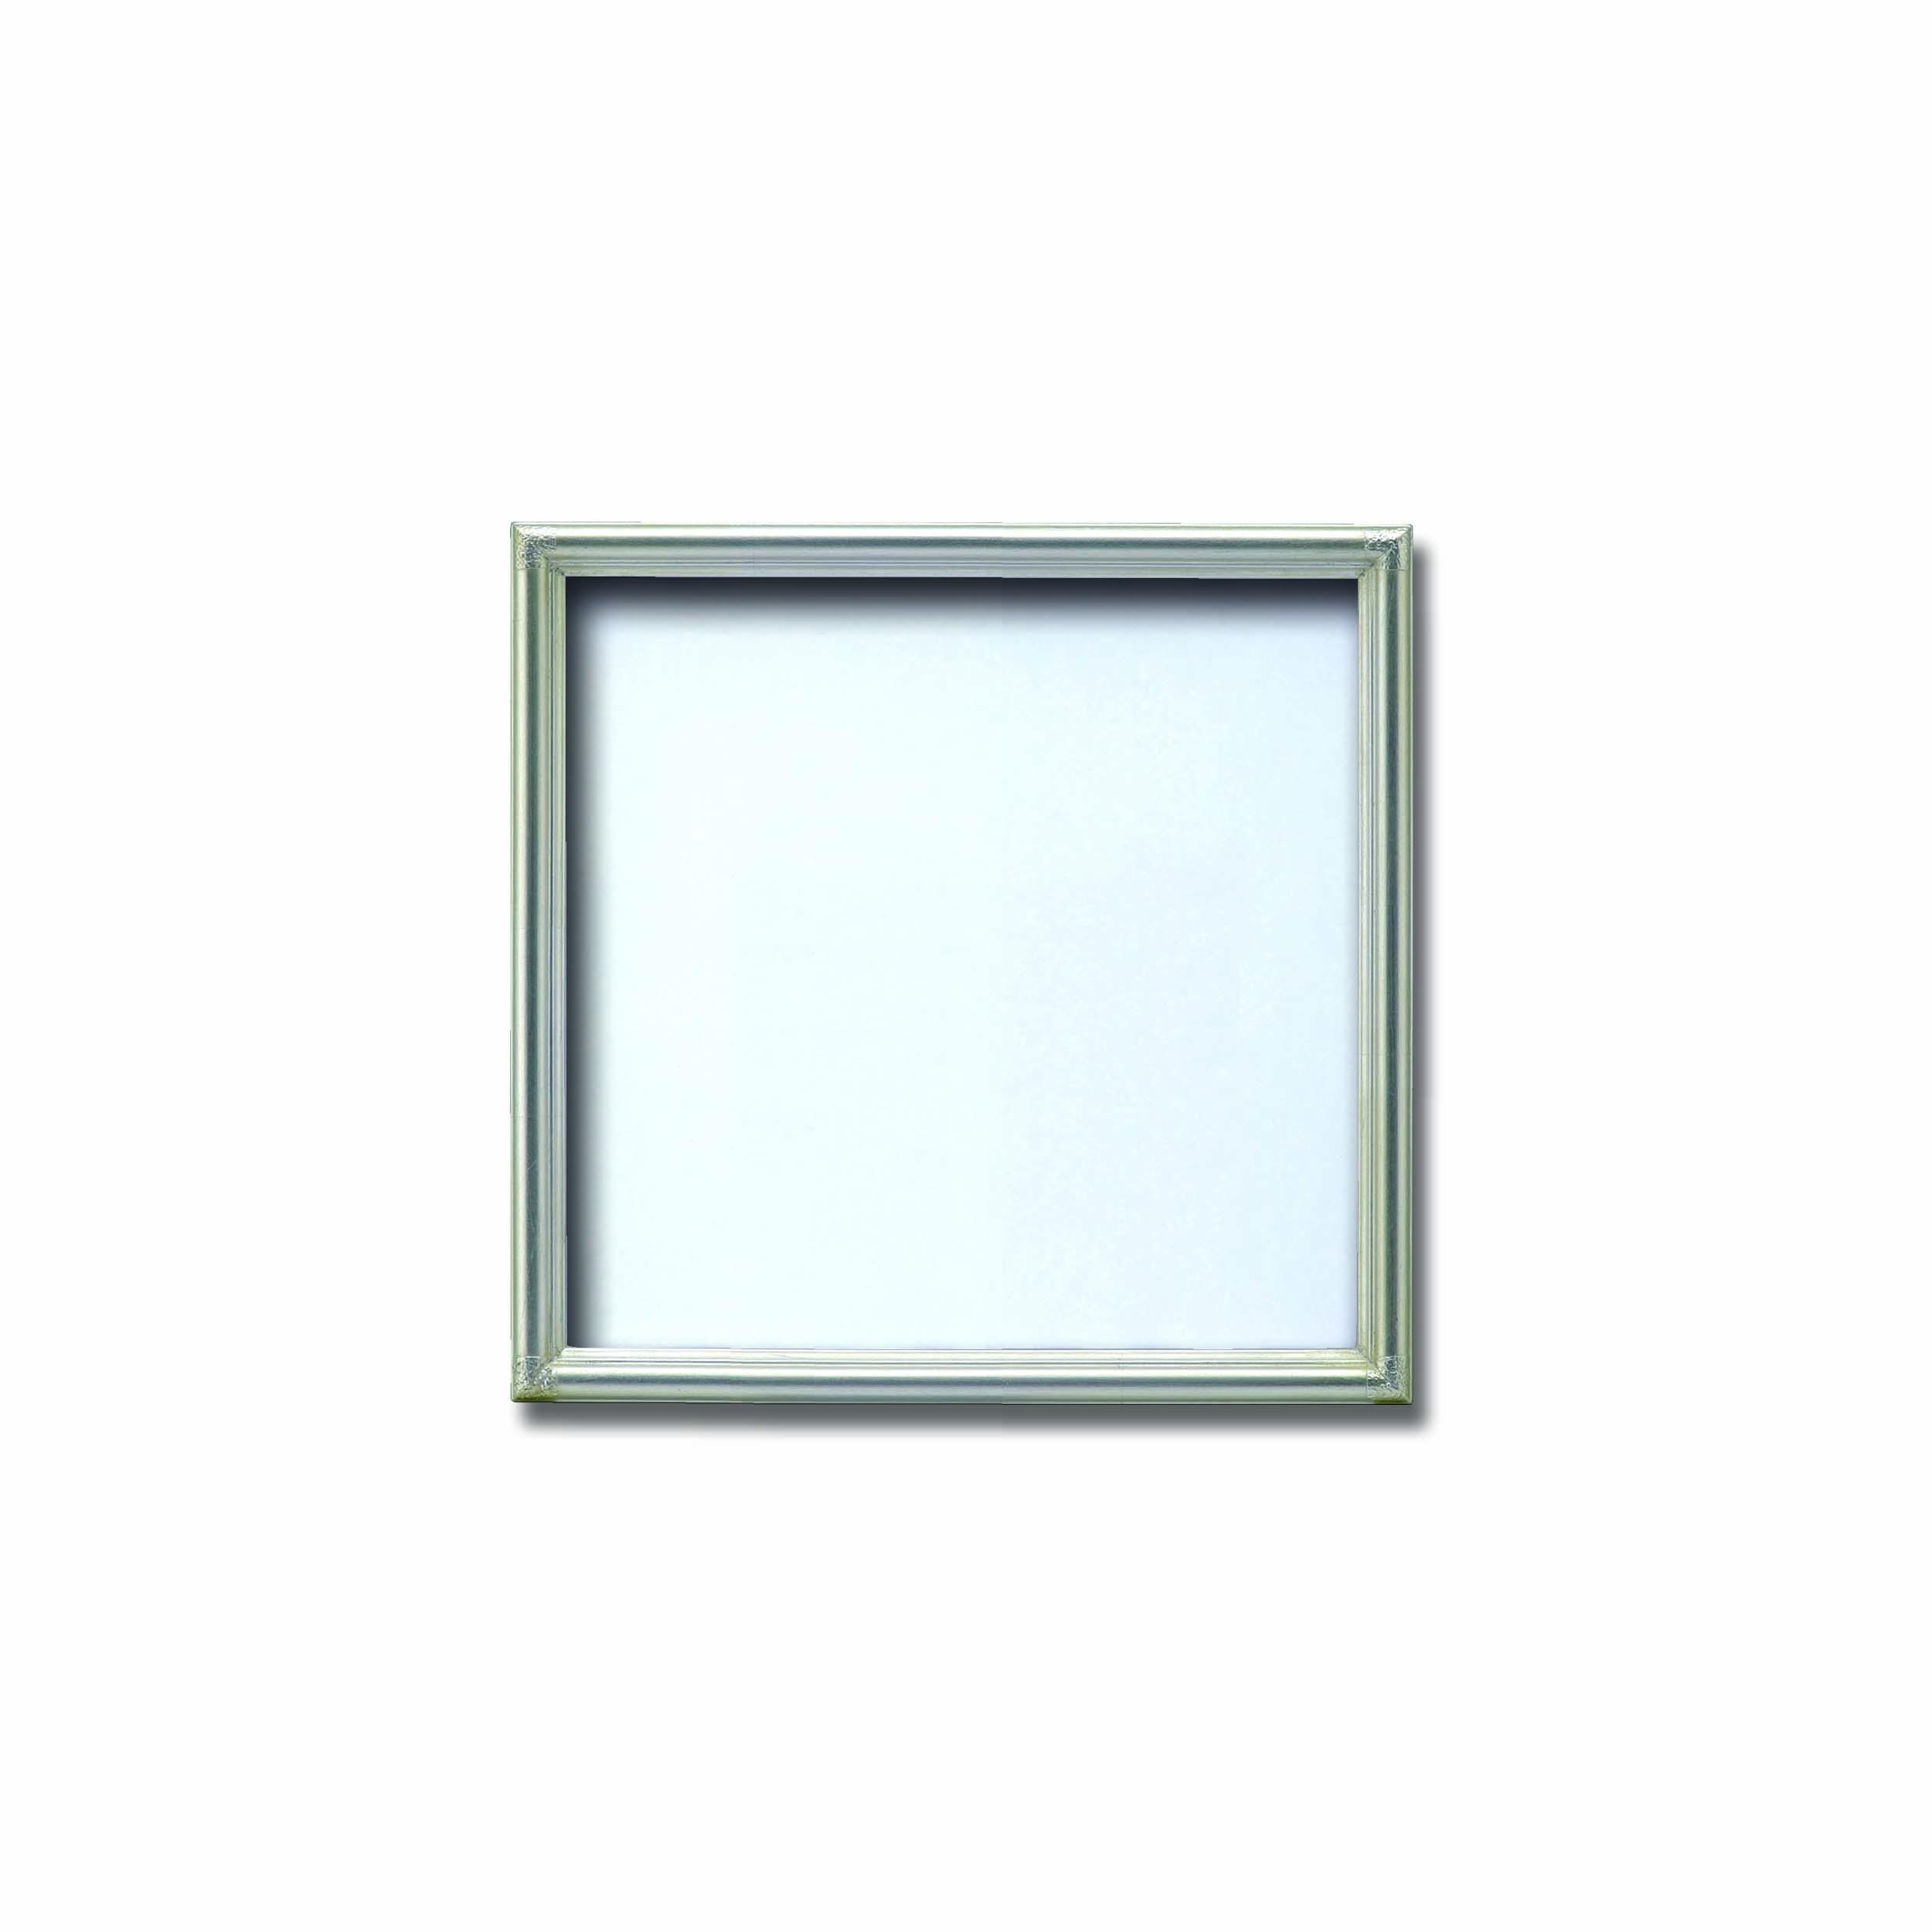 【角額】アルミ正方形額・壁掛けひも・アクリル付き ■7517 250角(250×250mm)